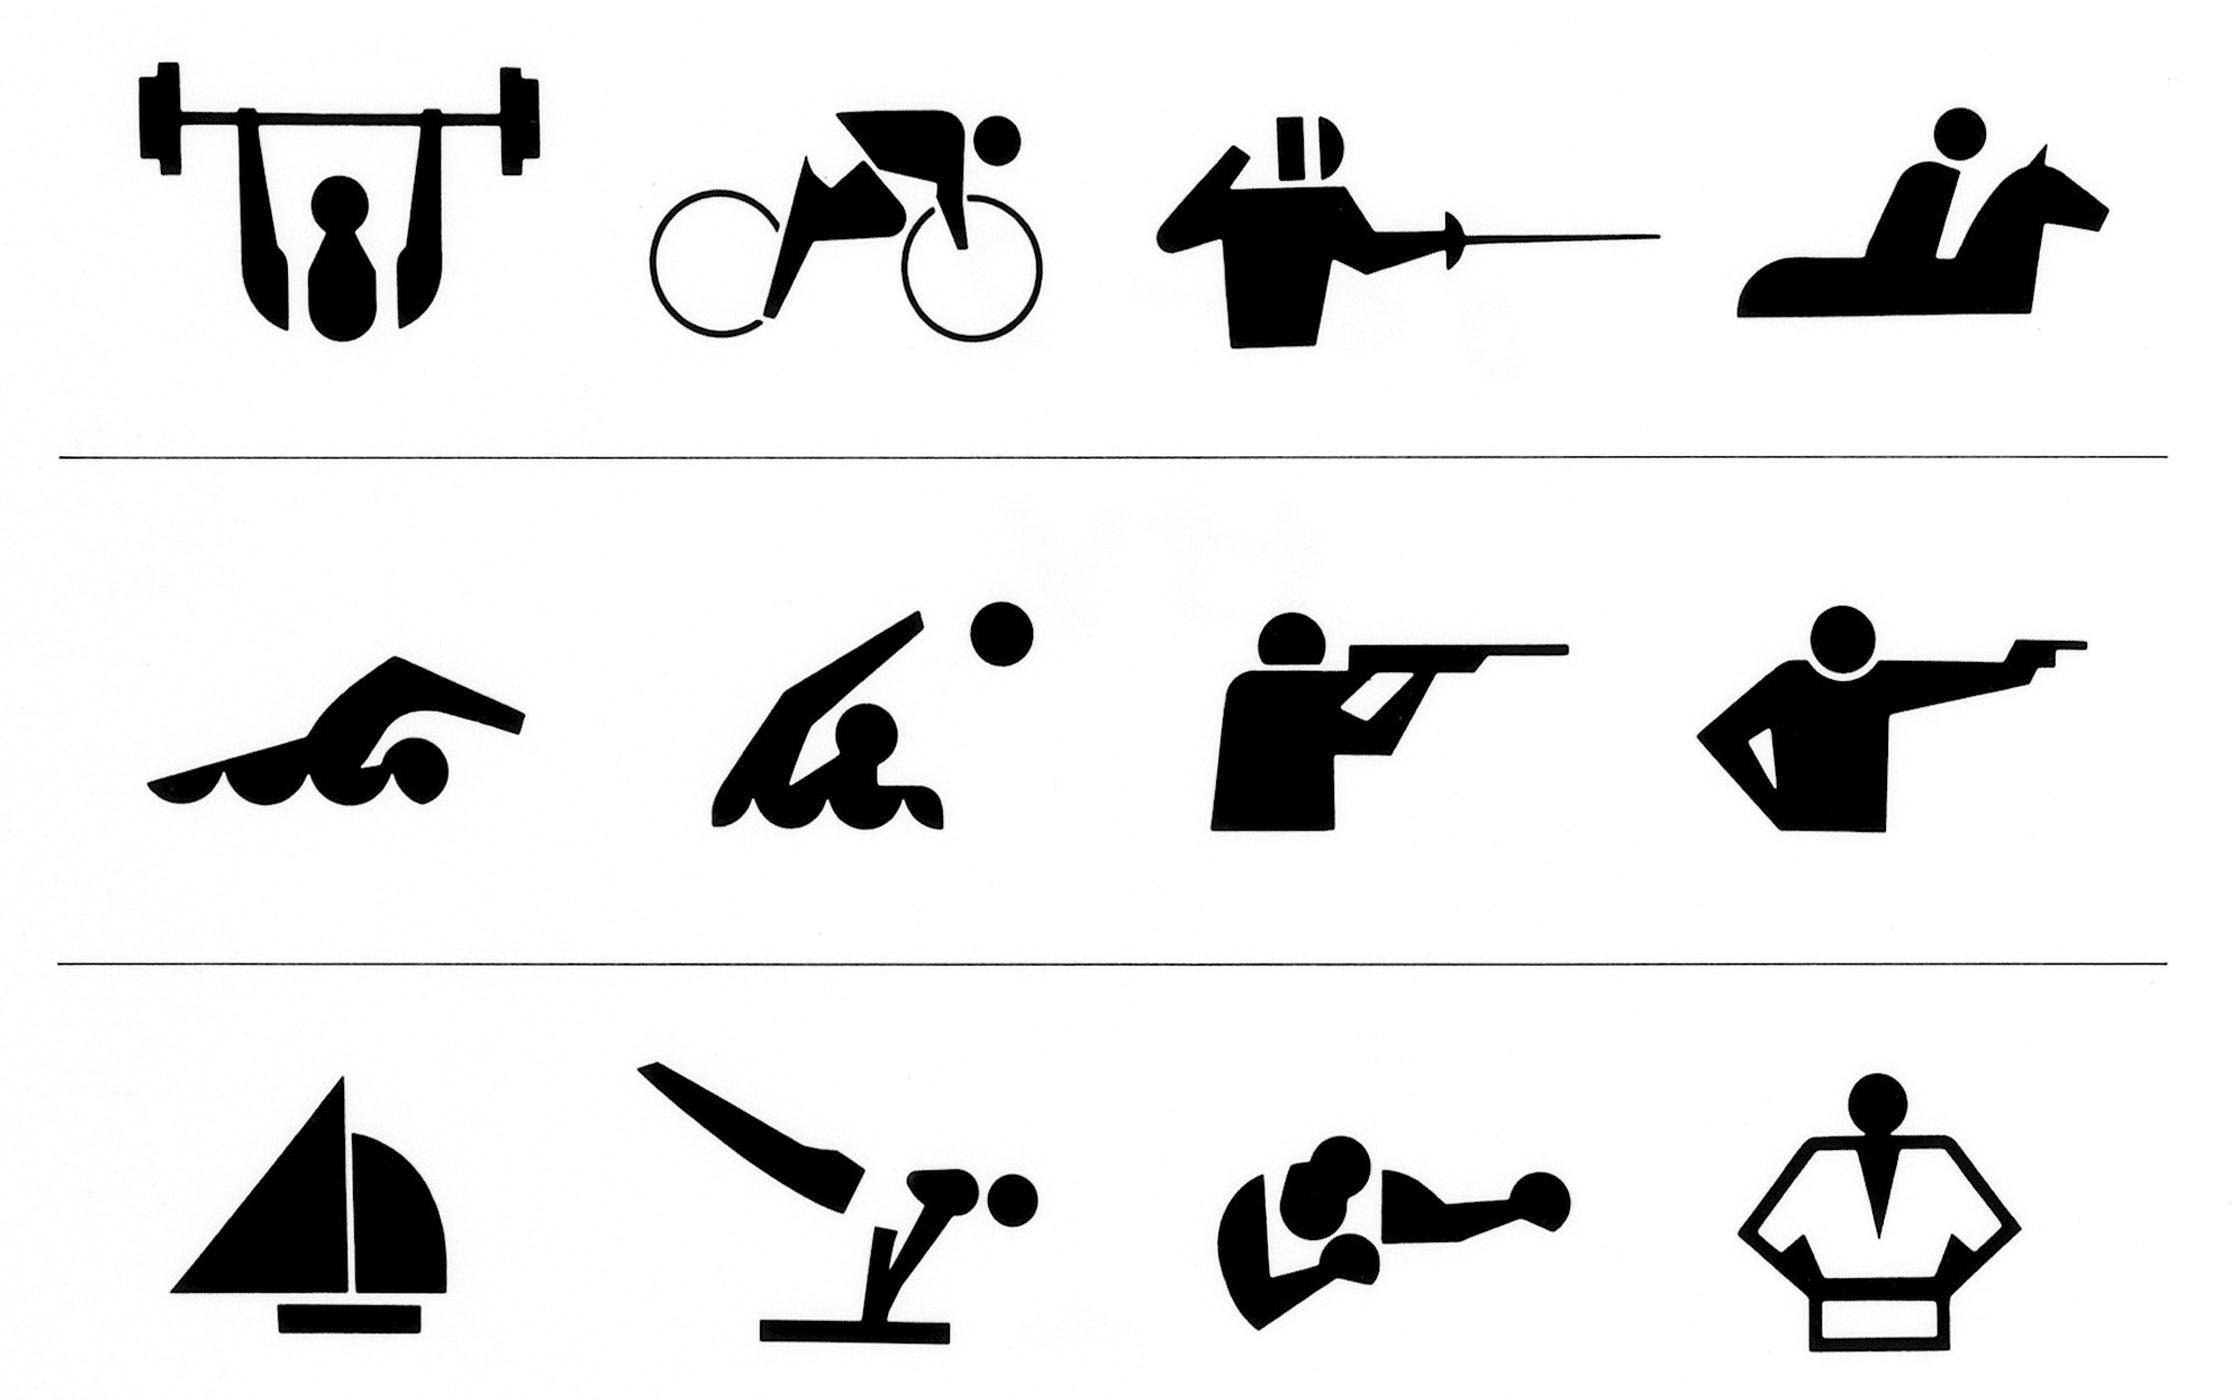 '64 東京オリンピック 競技シンボル、入場券